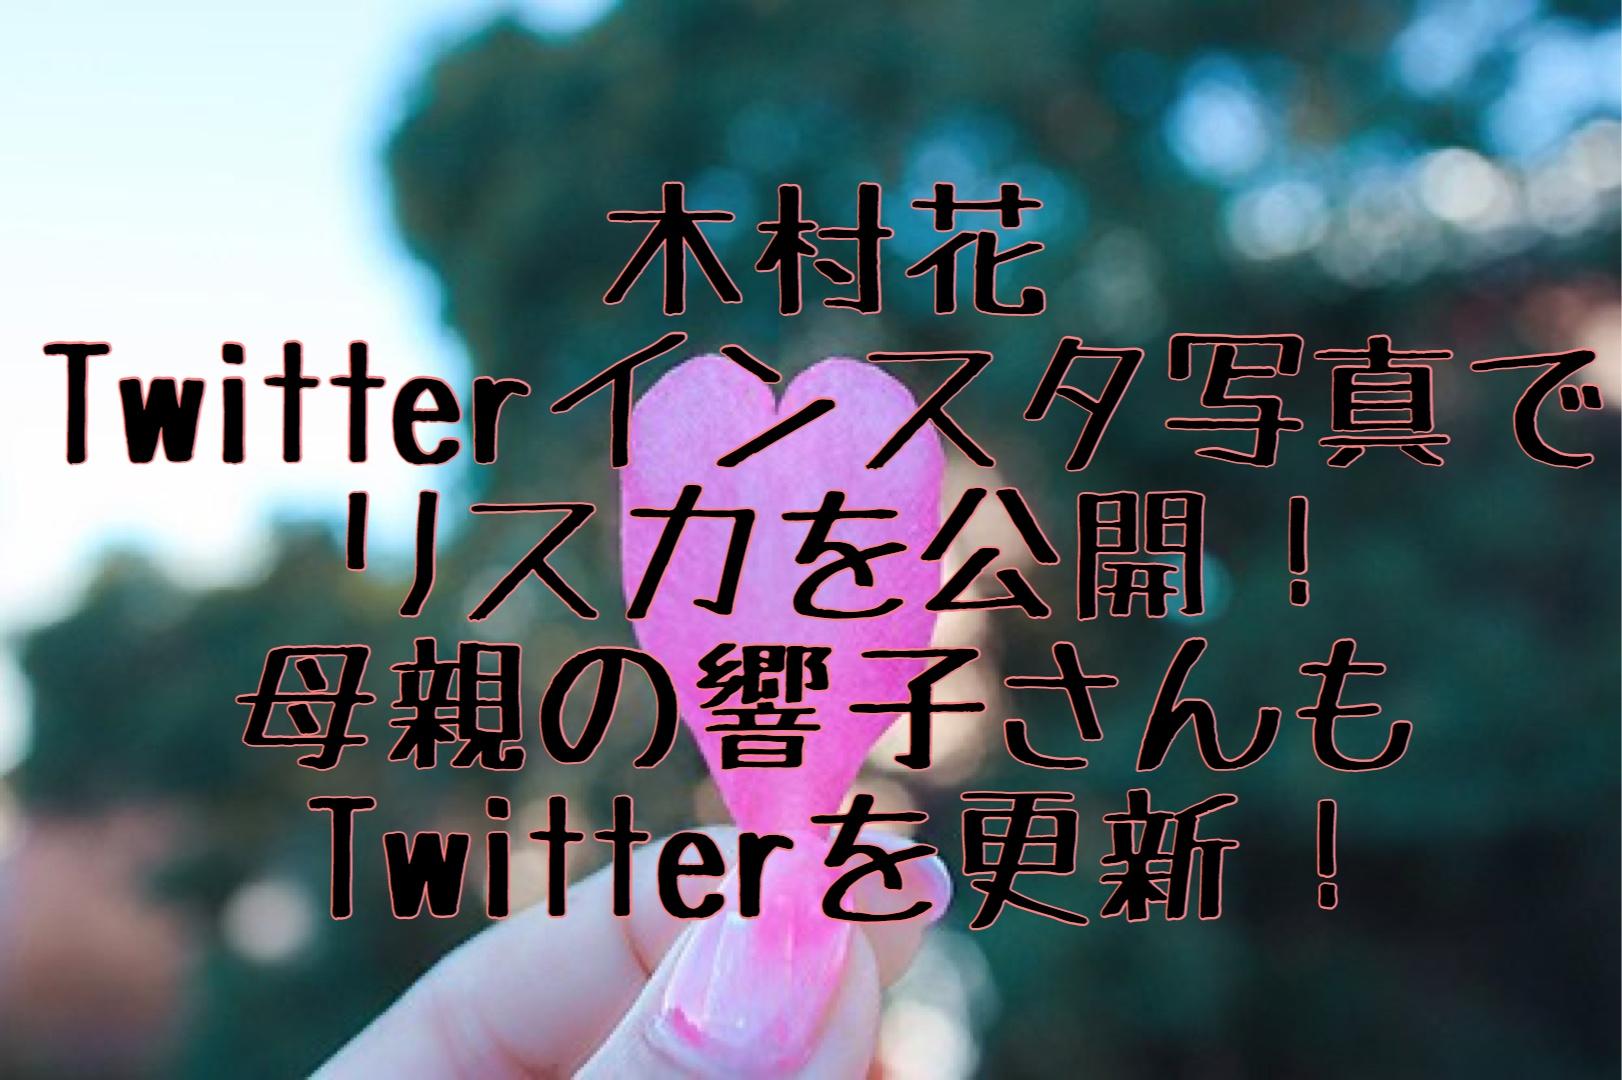 木村 花 ツイート